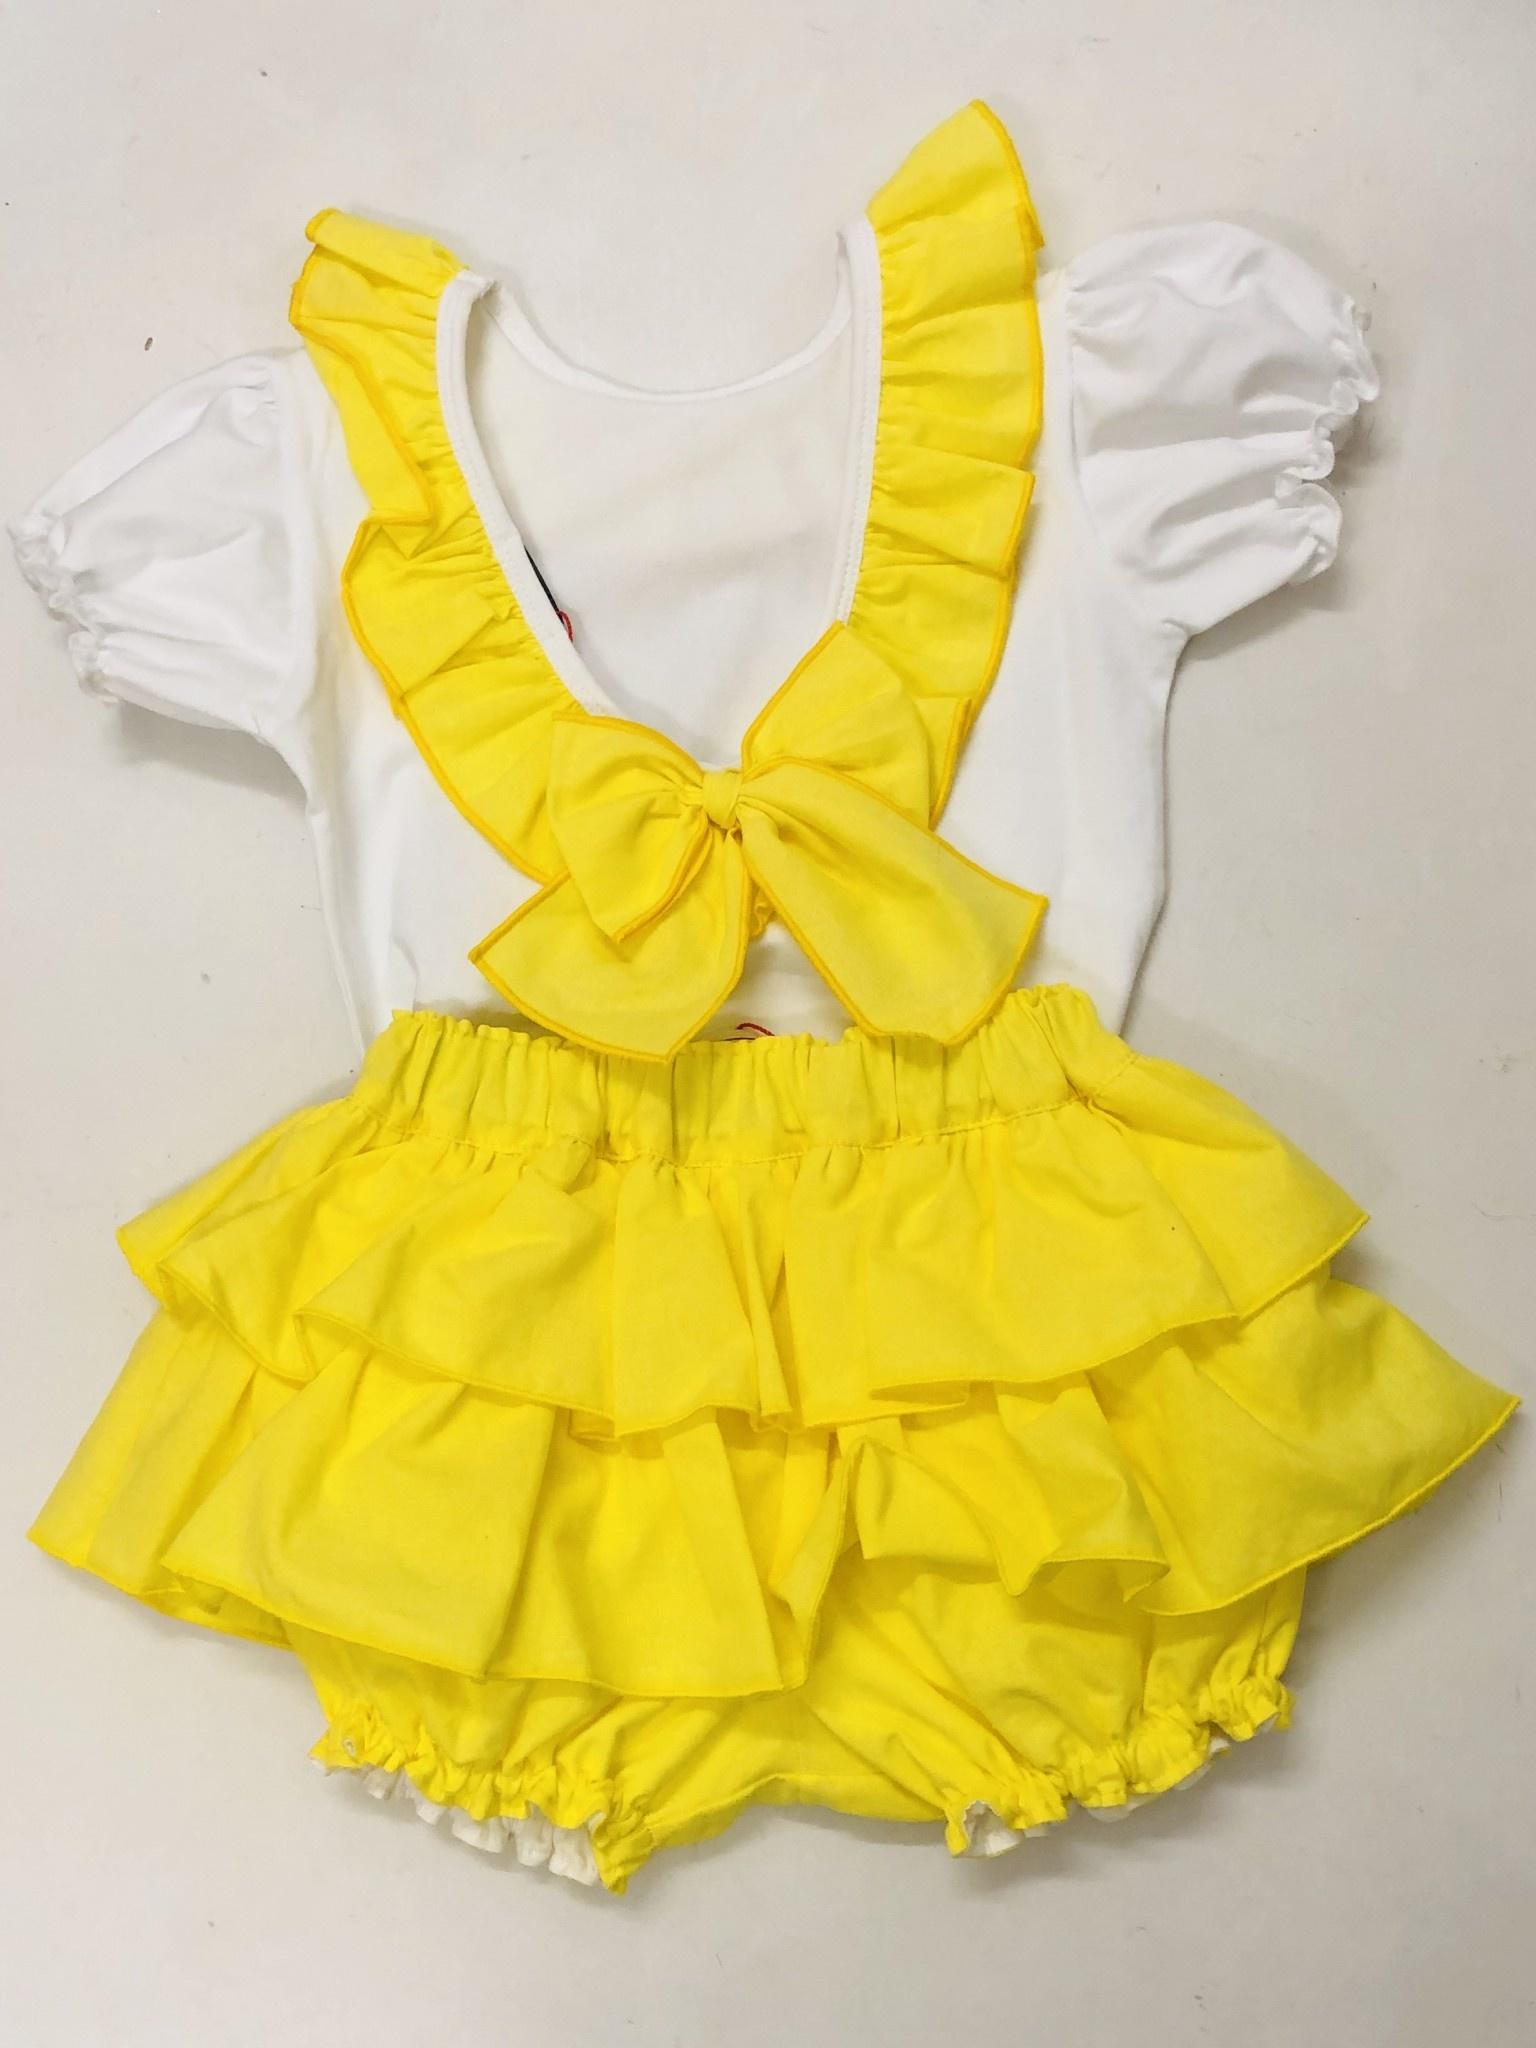 Bogoleta Bogoleta Yellow Ruffle set with Bow Back